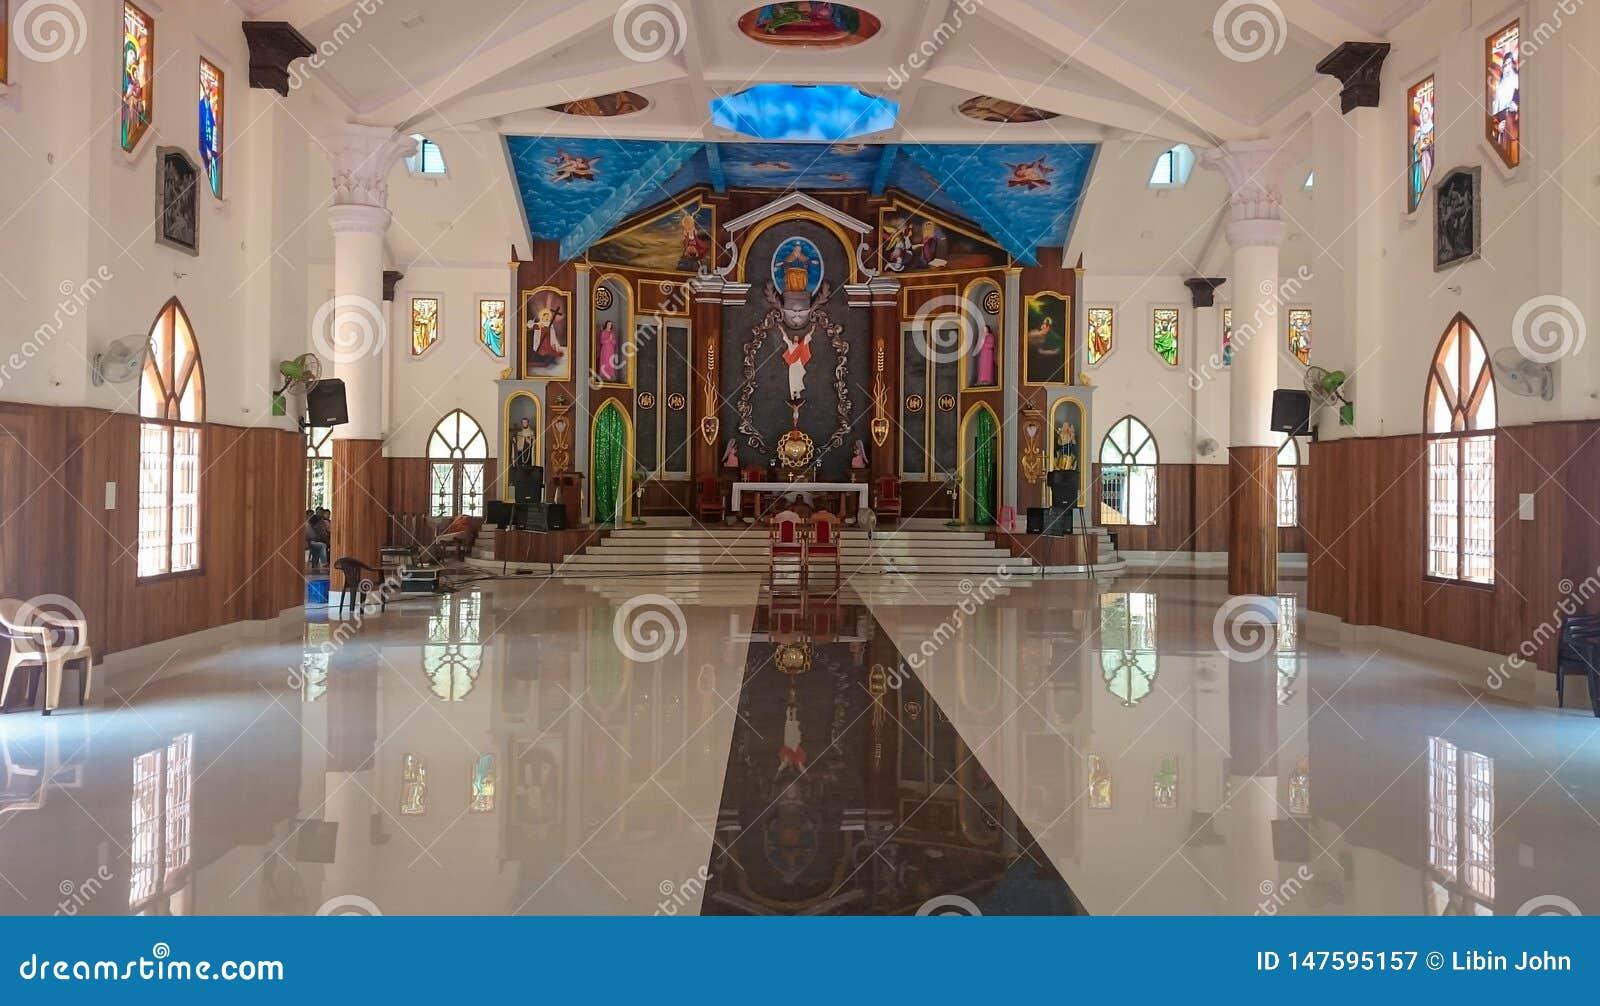 Inom sikt av en latinsk katolsk kyrka i Indien